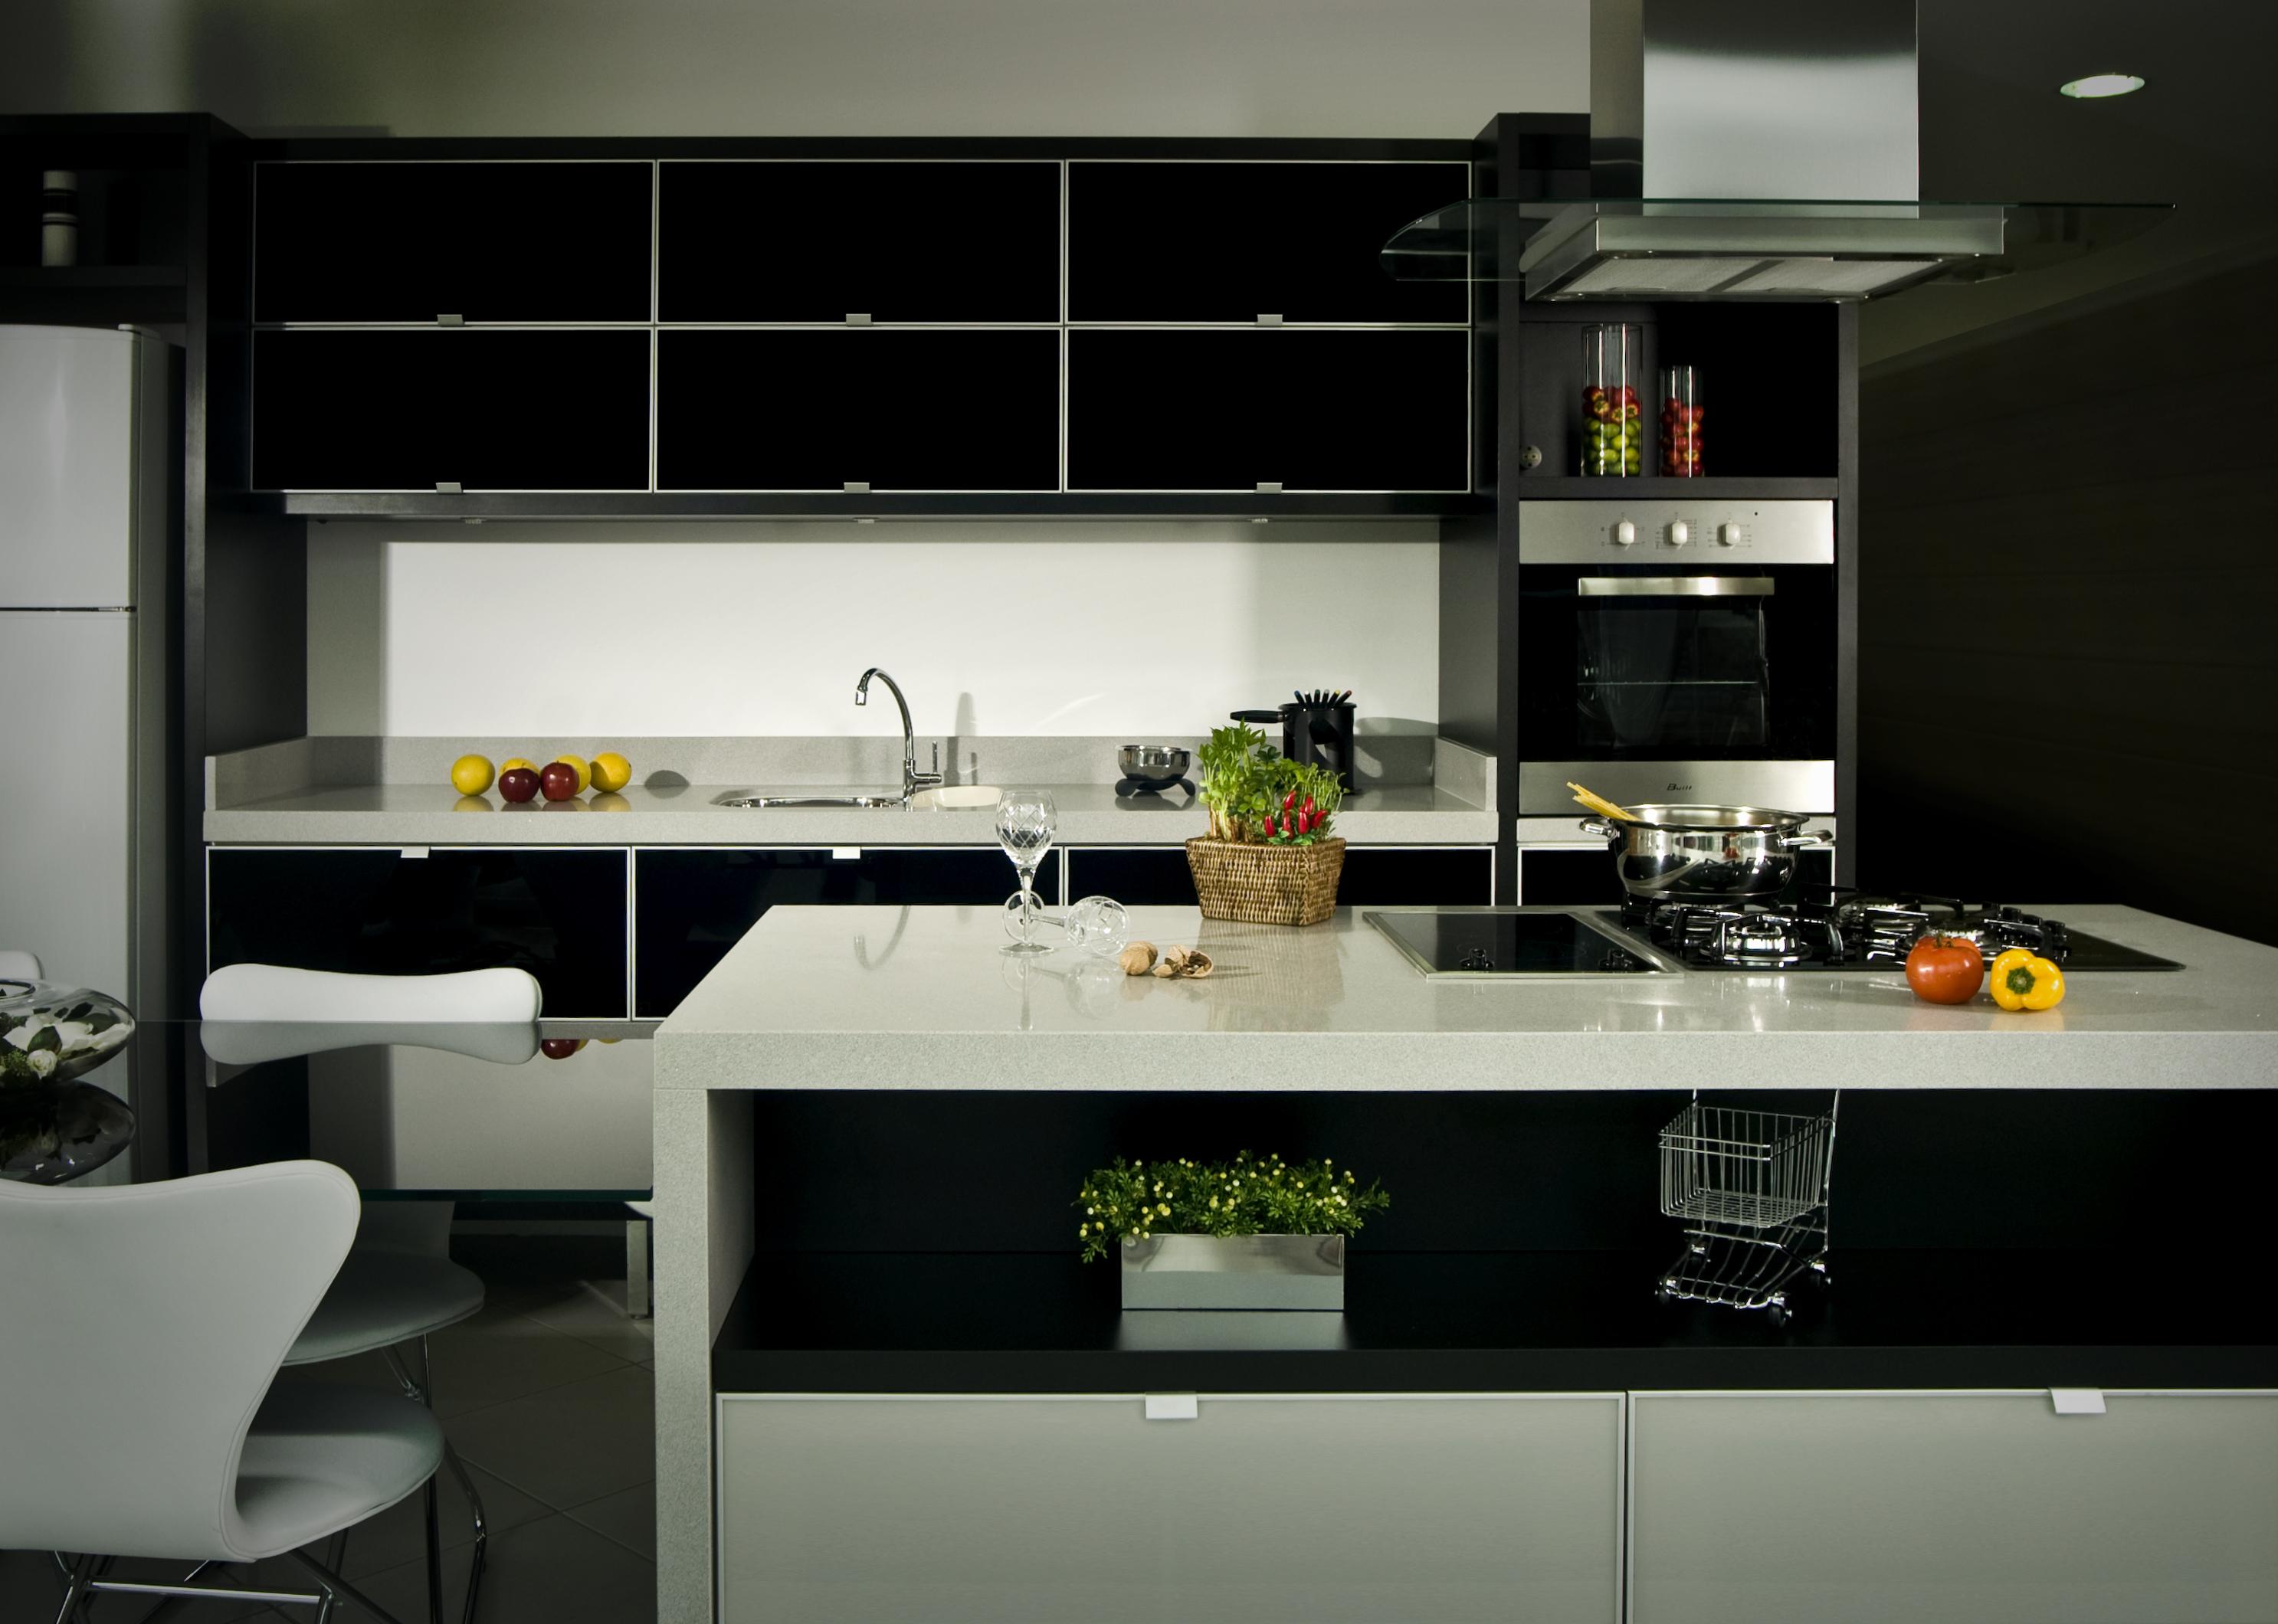 projeto de cozinha planejada para apartamento pequeno #B79514 2973 2120